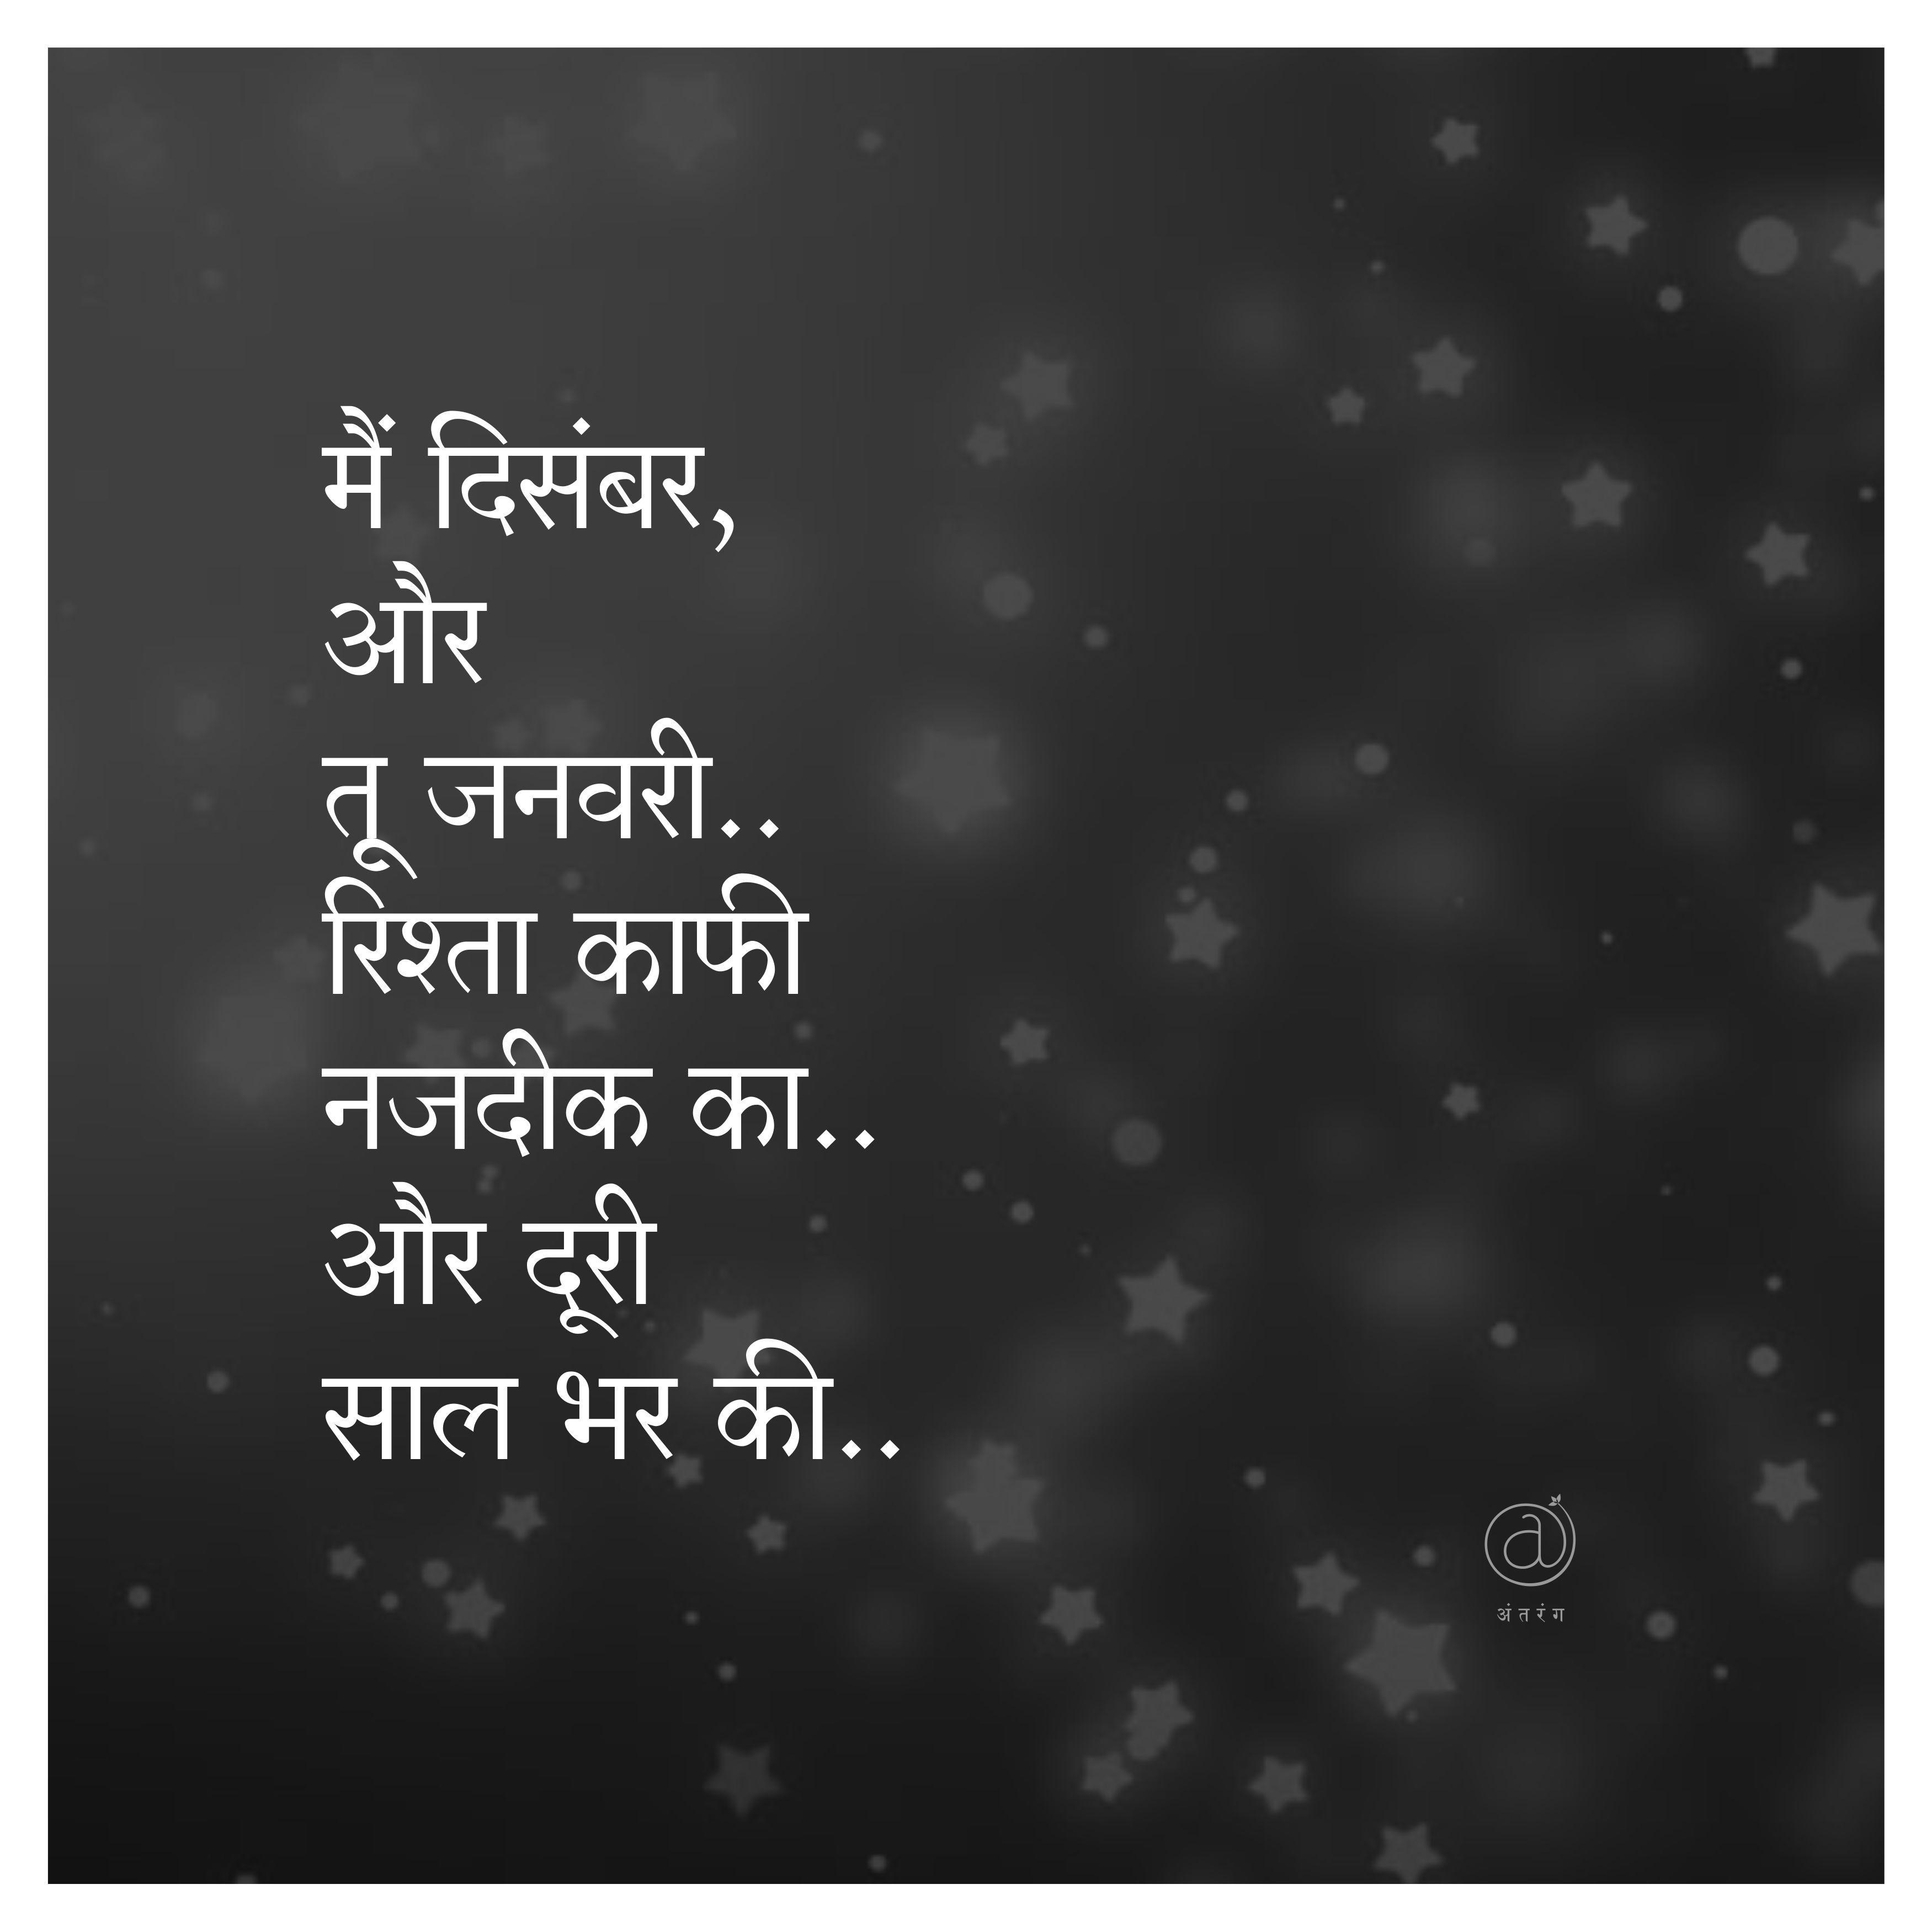 Quotes #quotes #life #hindi #positive #creative  Hindi quotes